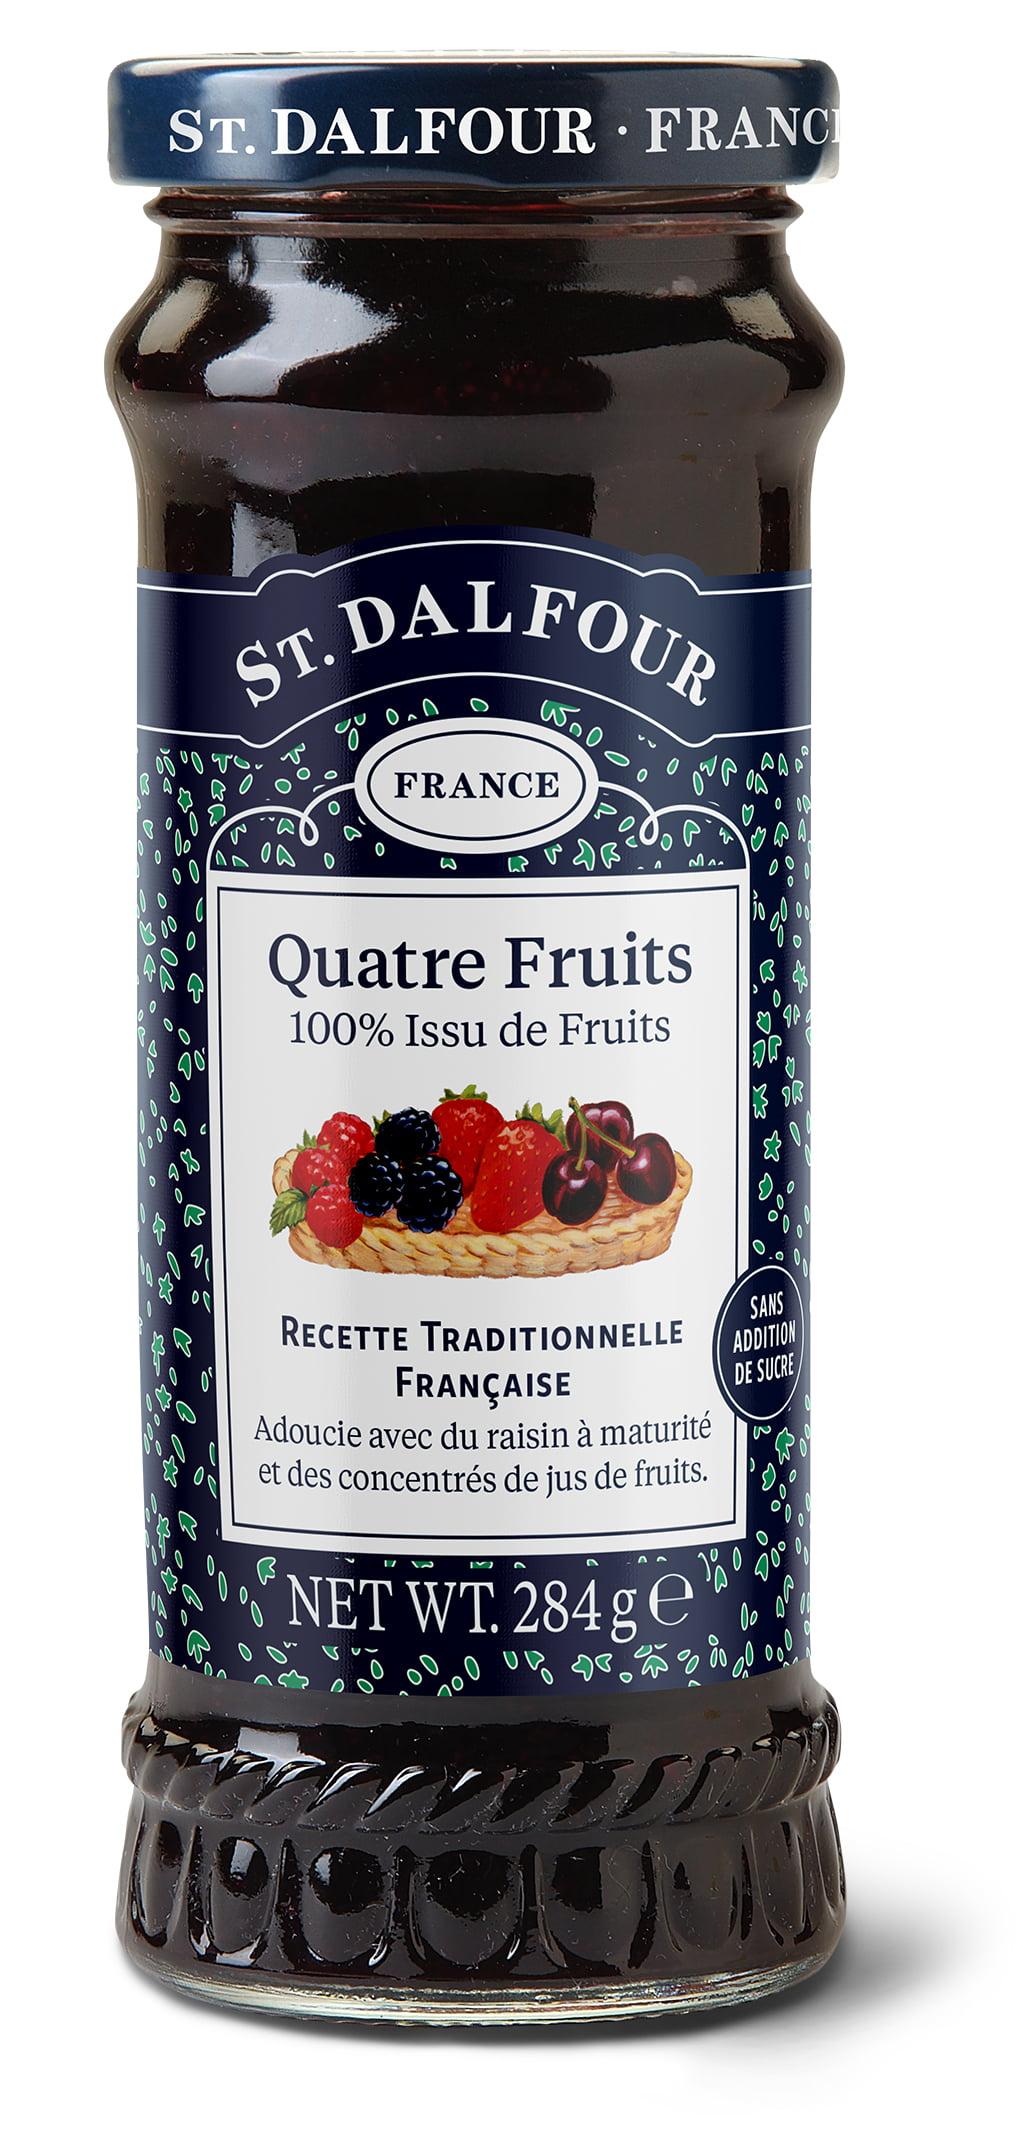 Geléia Francesa St. Dalfour Quatro Frutas (Quatre Fruits) 284g